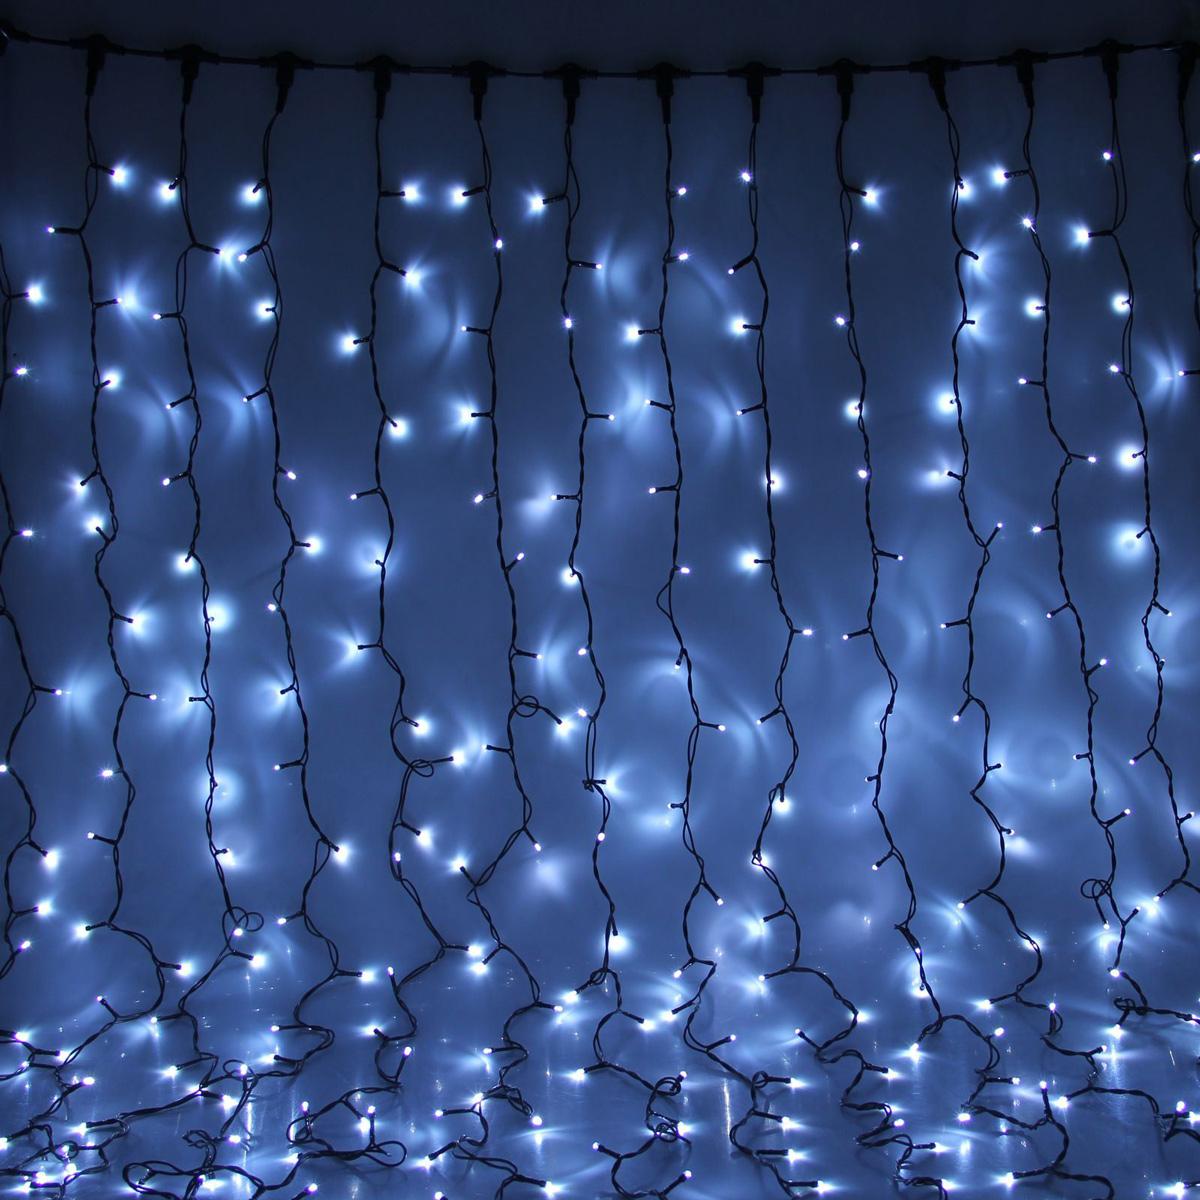 Гирлянда светодиодная Luazon Занавес, цвет: белый, уличная, 1800 ламп, 220 V, 2 х 9 м. 10803131080313Светодиодные гирлянды и ленты — это отличный вариант для новогоднего оформления интерьера или фасада. С их помощью помещение любого размера можно превратить в праздничный зал, а внешние элементы зданий, украшенные ими, мгновенно станут напоминать очертания сказочного дворца. Такие украшения создают ауру предвкушения чуда. Деревья, фасады, витрины, окна и арки будто специально созданы, чтобы вы украсили их светящимися нитями.